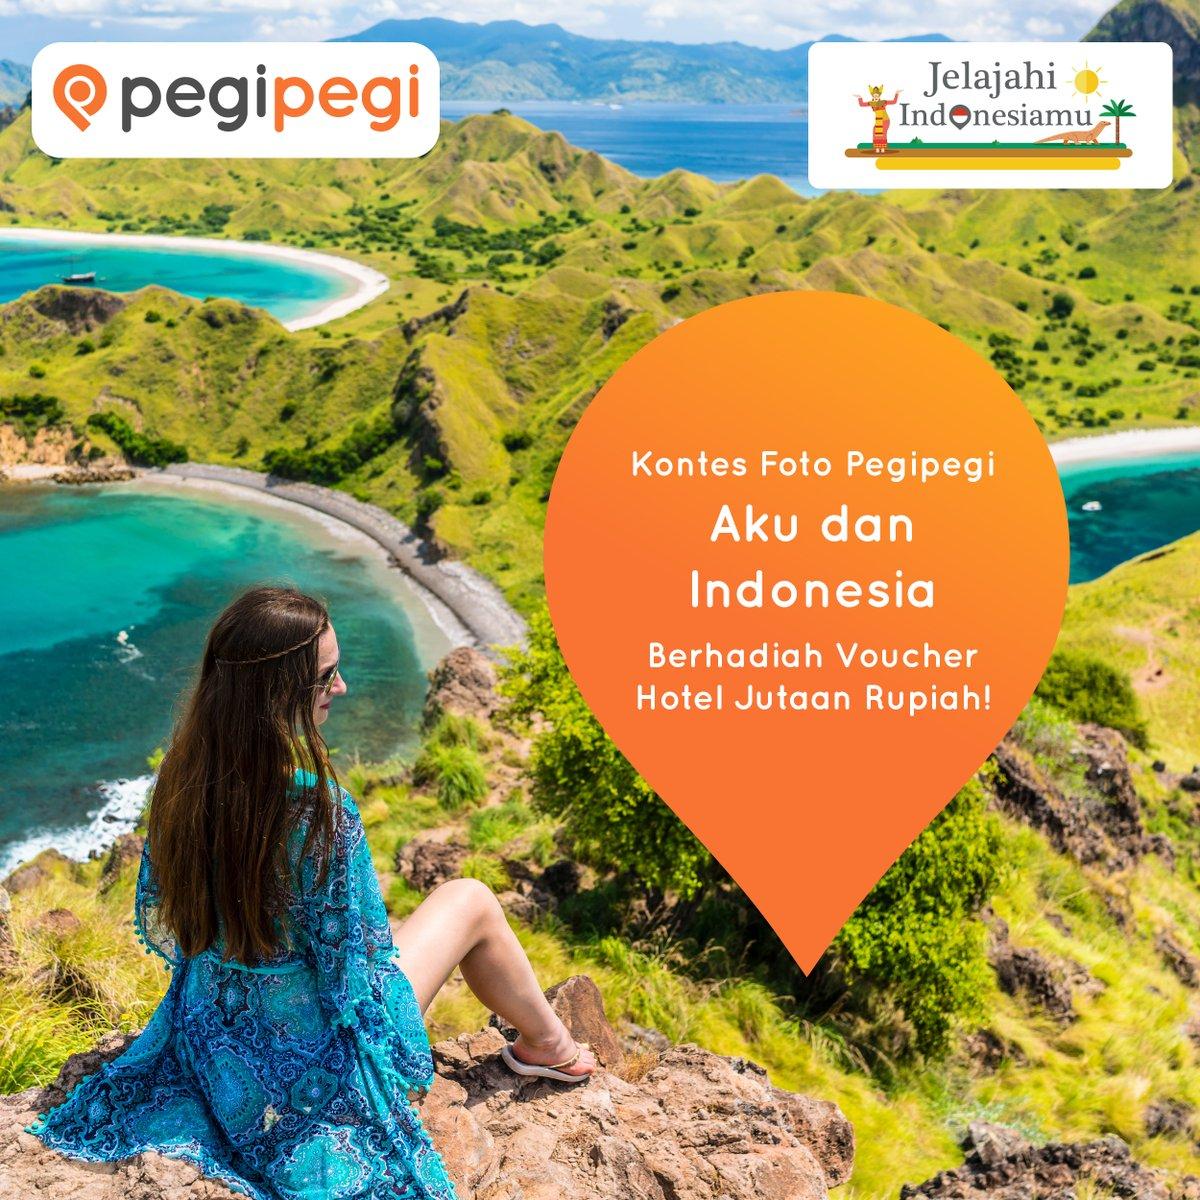 PegiPegi - Promo Kontes Foto PegiPegi Aku & Indonesia (s.d 22 Agustus 2018)